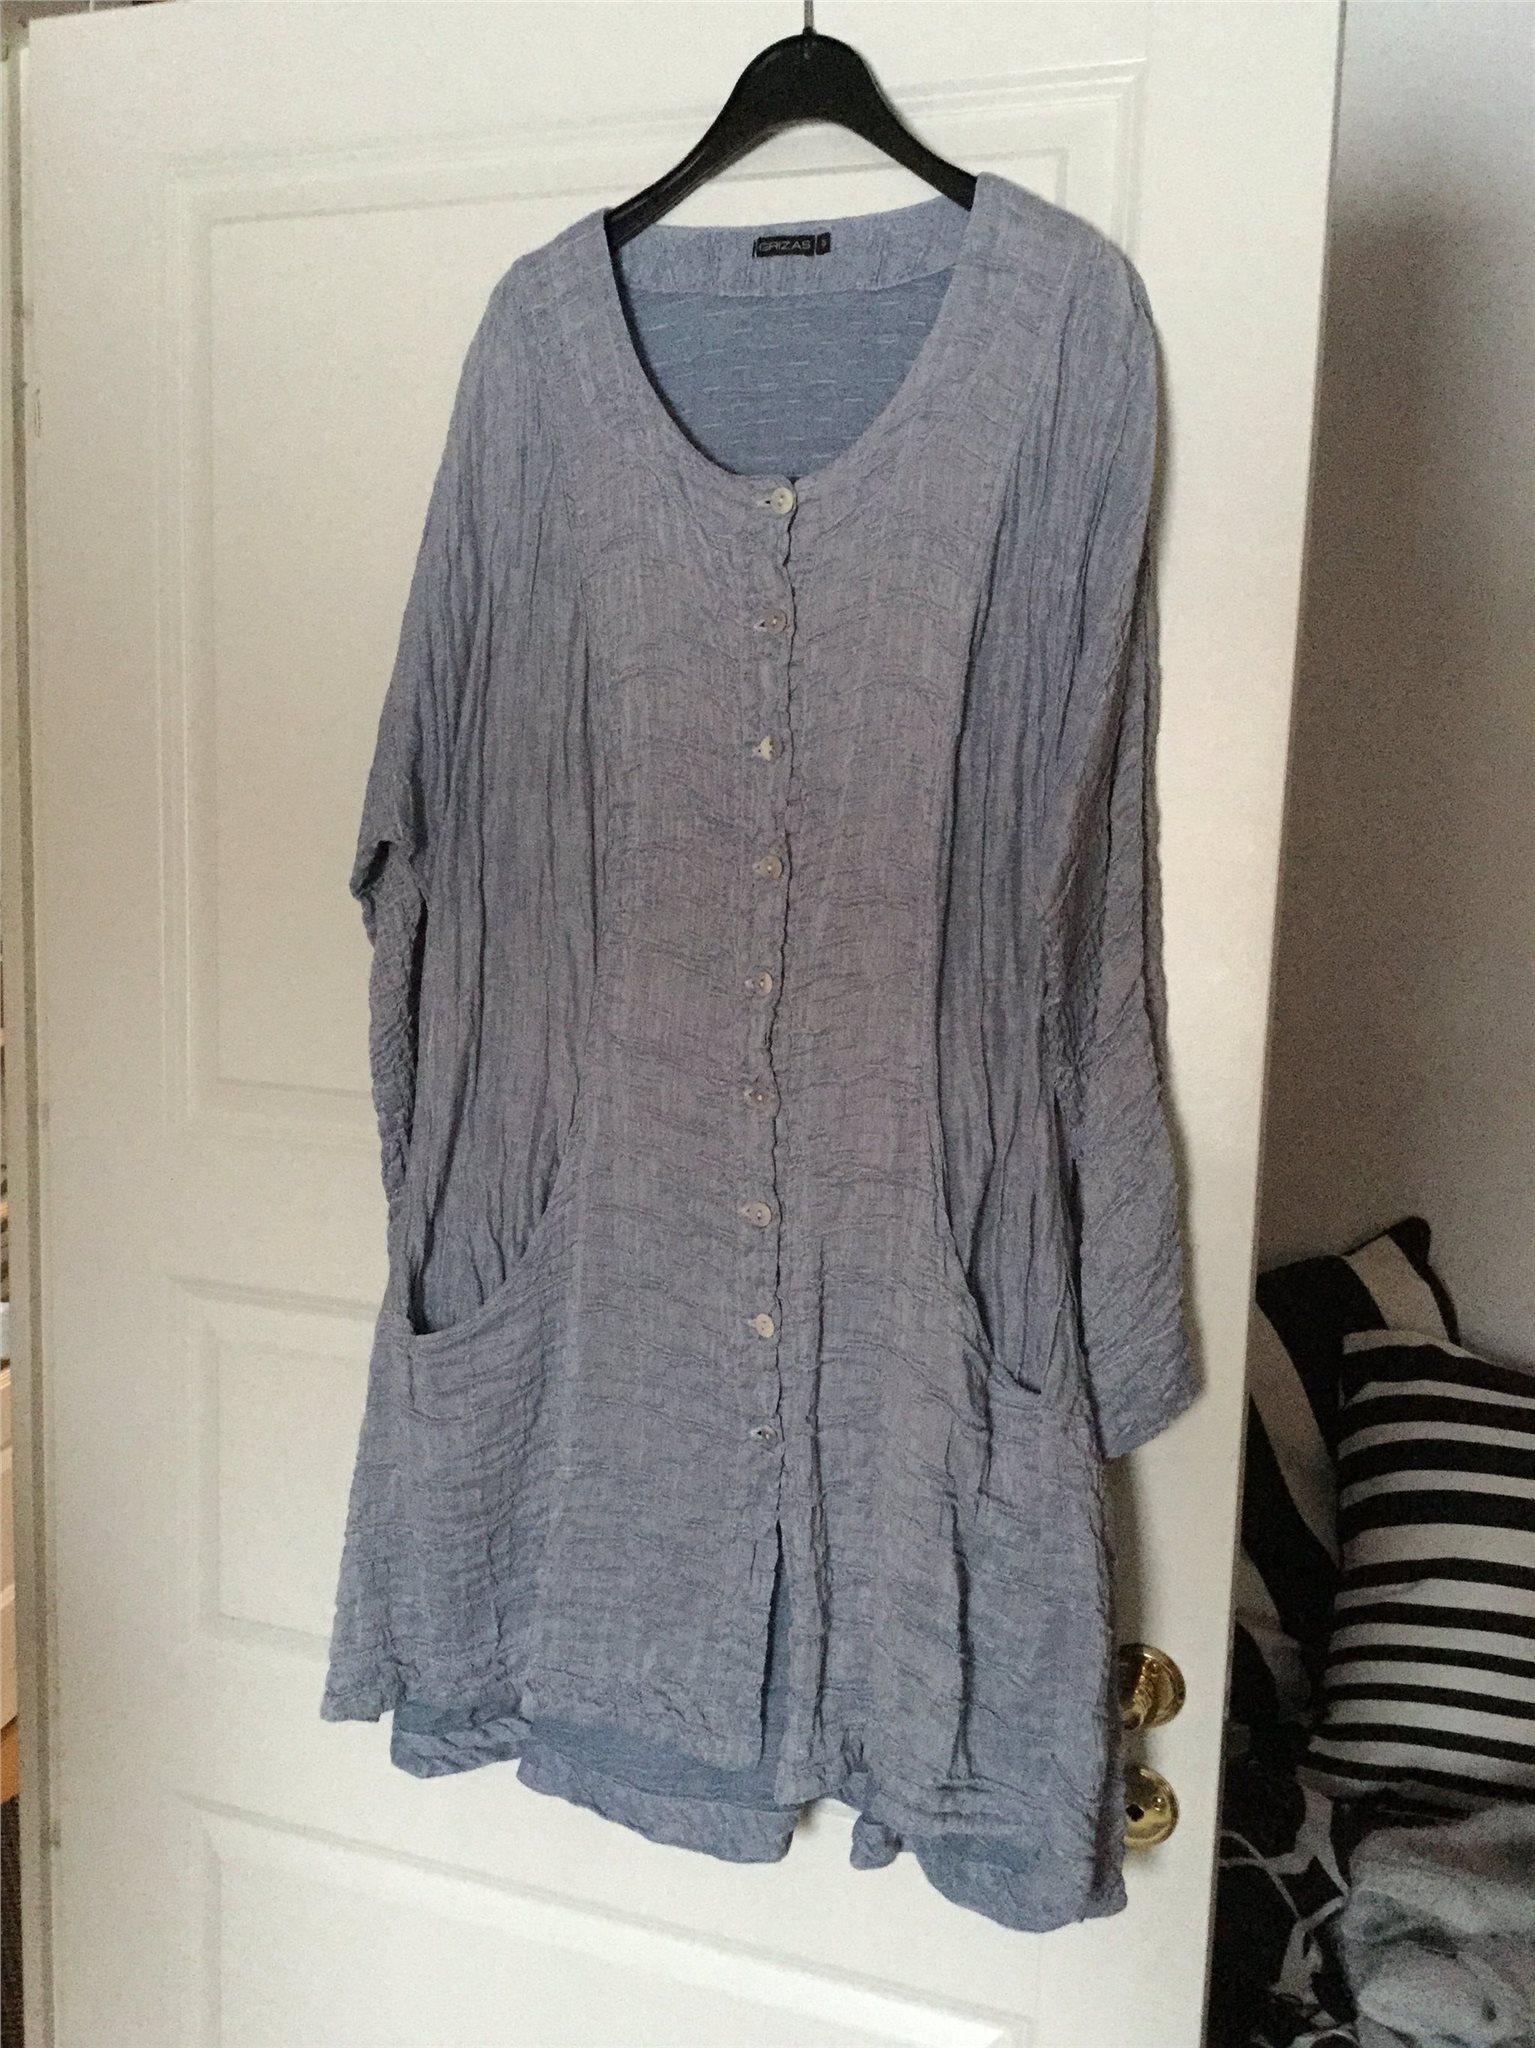 5b24fd6f77d7 Gråblå klänning/jacka Grizas storlek M. (337351954) ᐈ Köp på Tradera